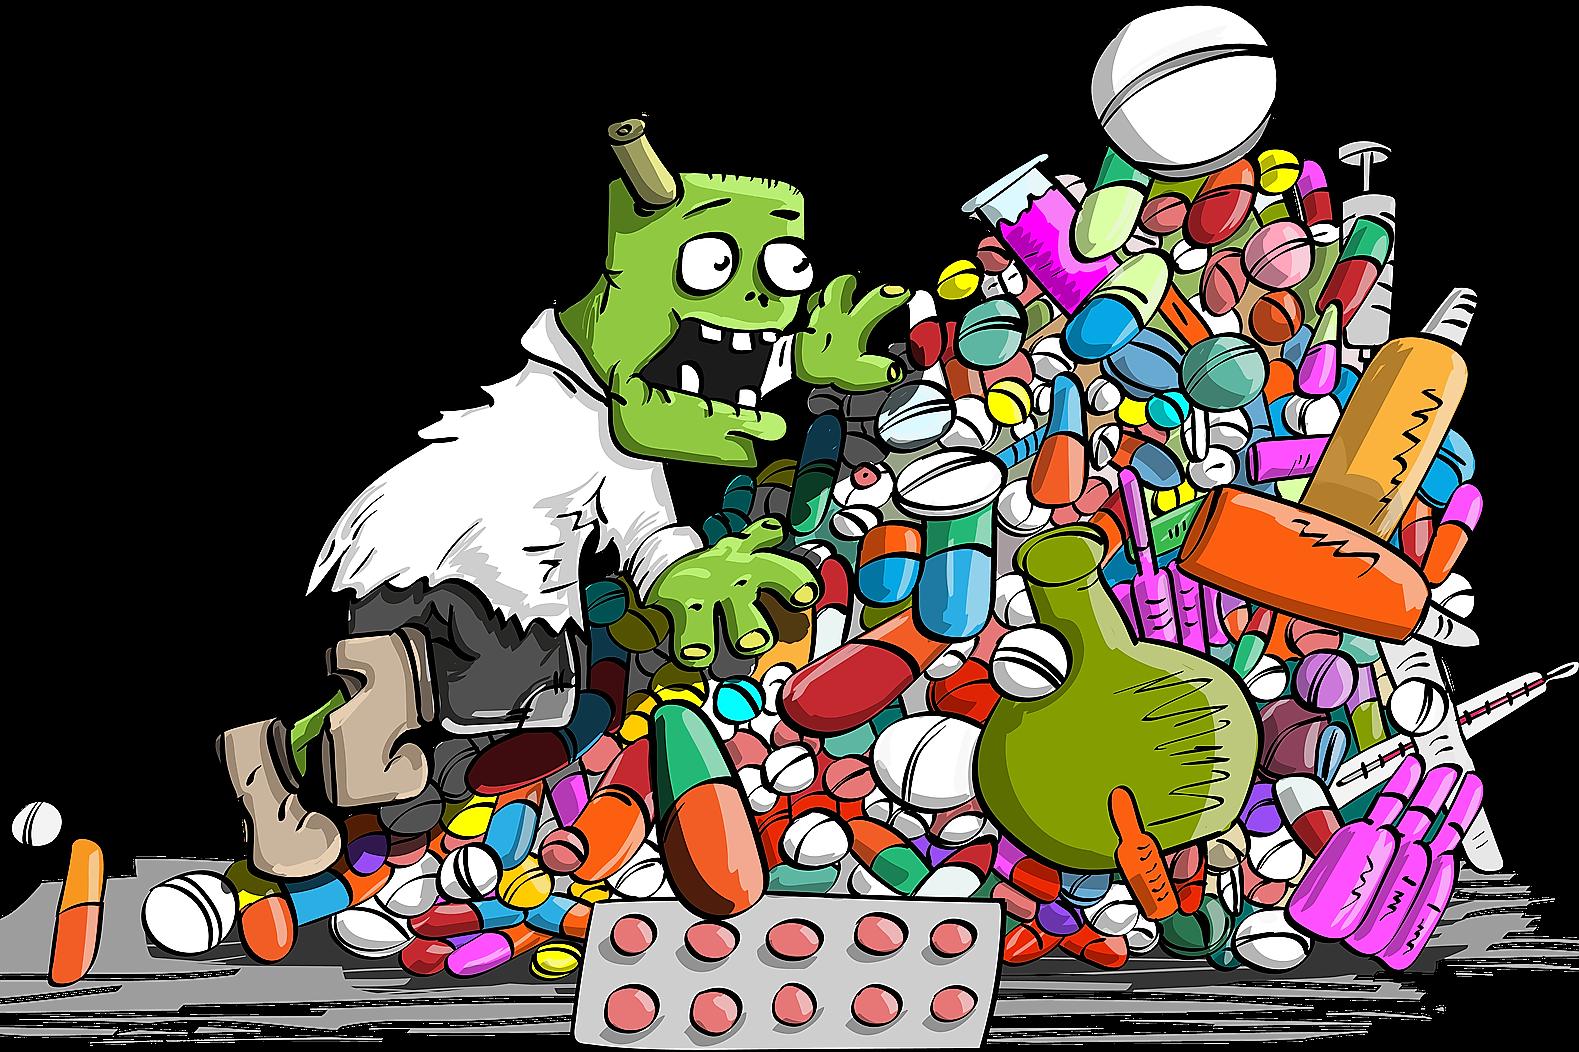 Polacy wyrzucają dużo leków, utylizacja leków isuplementów Matka Aptekarka